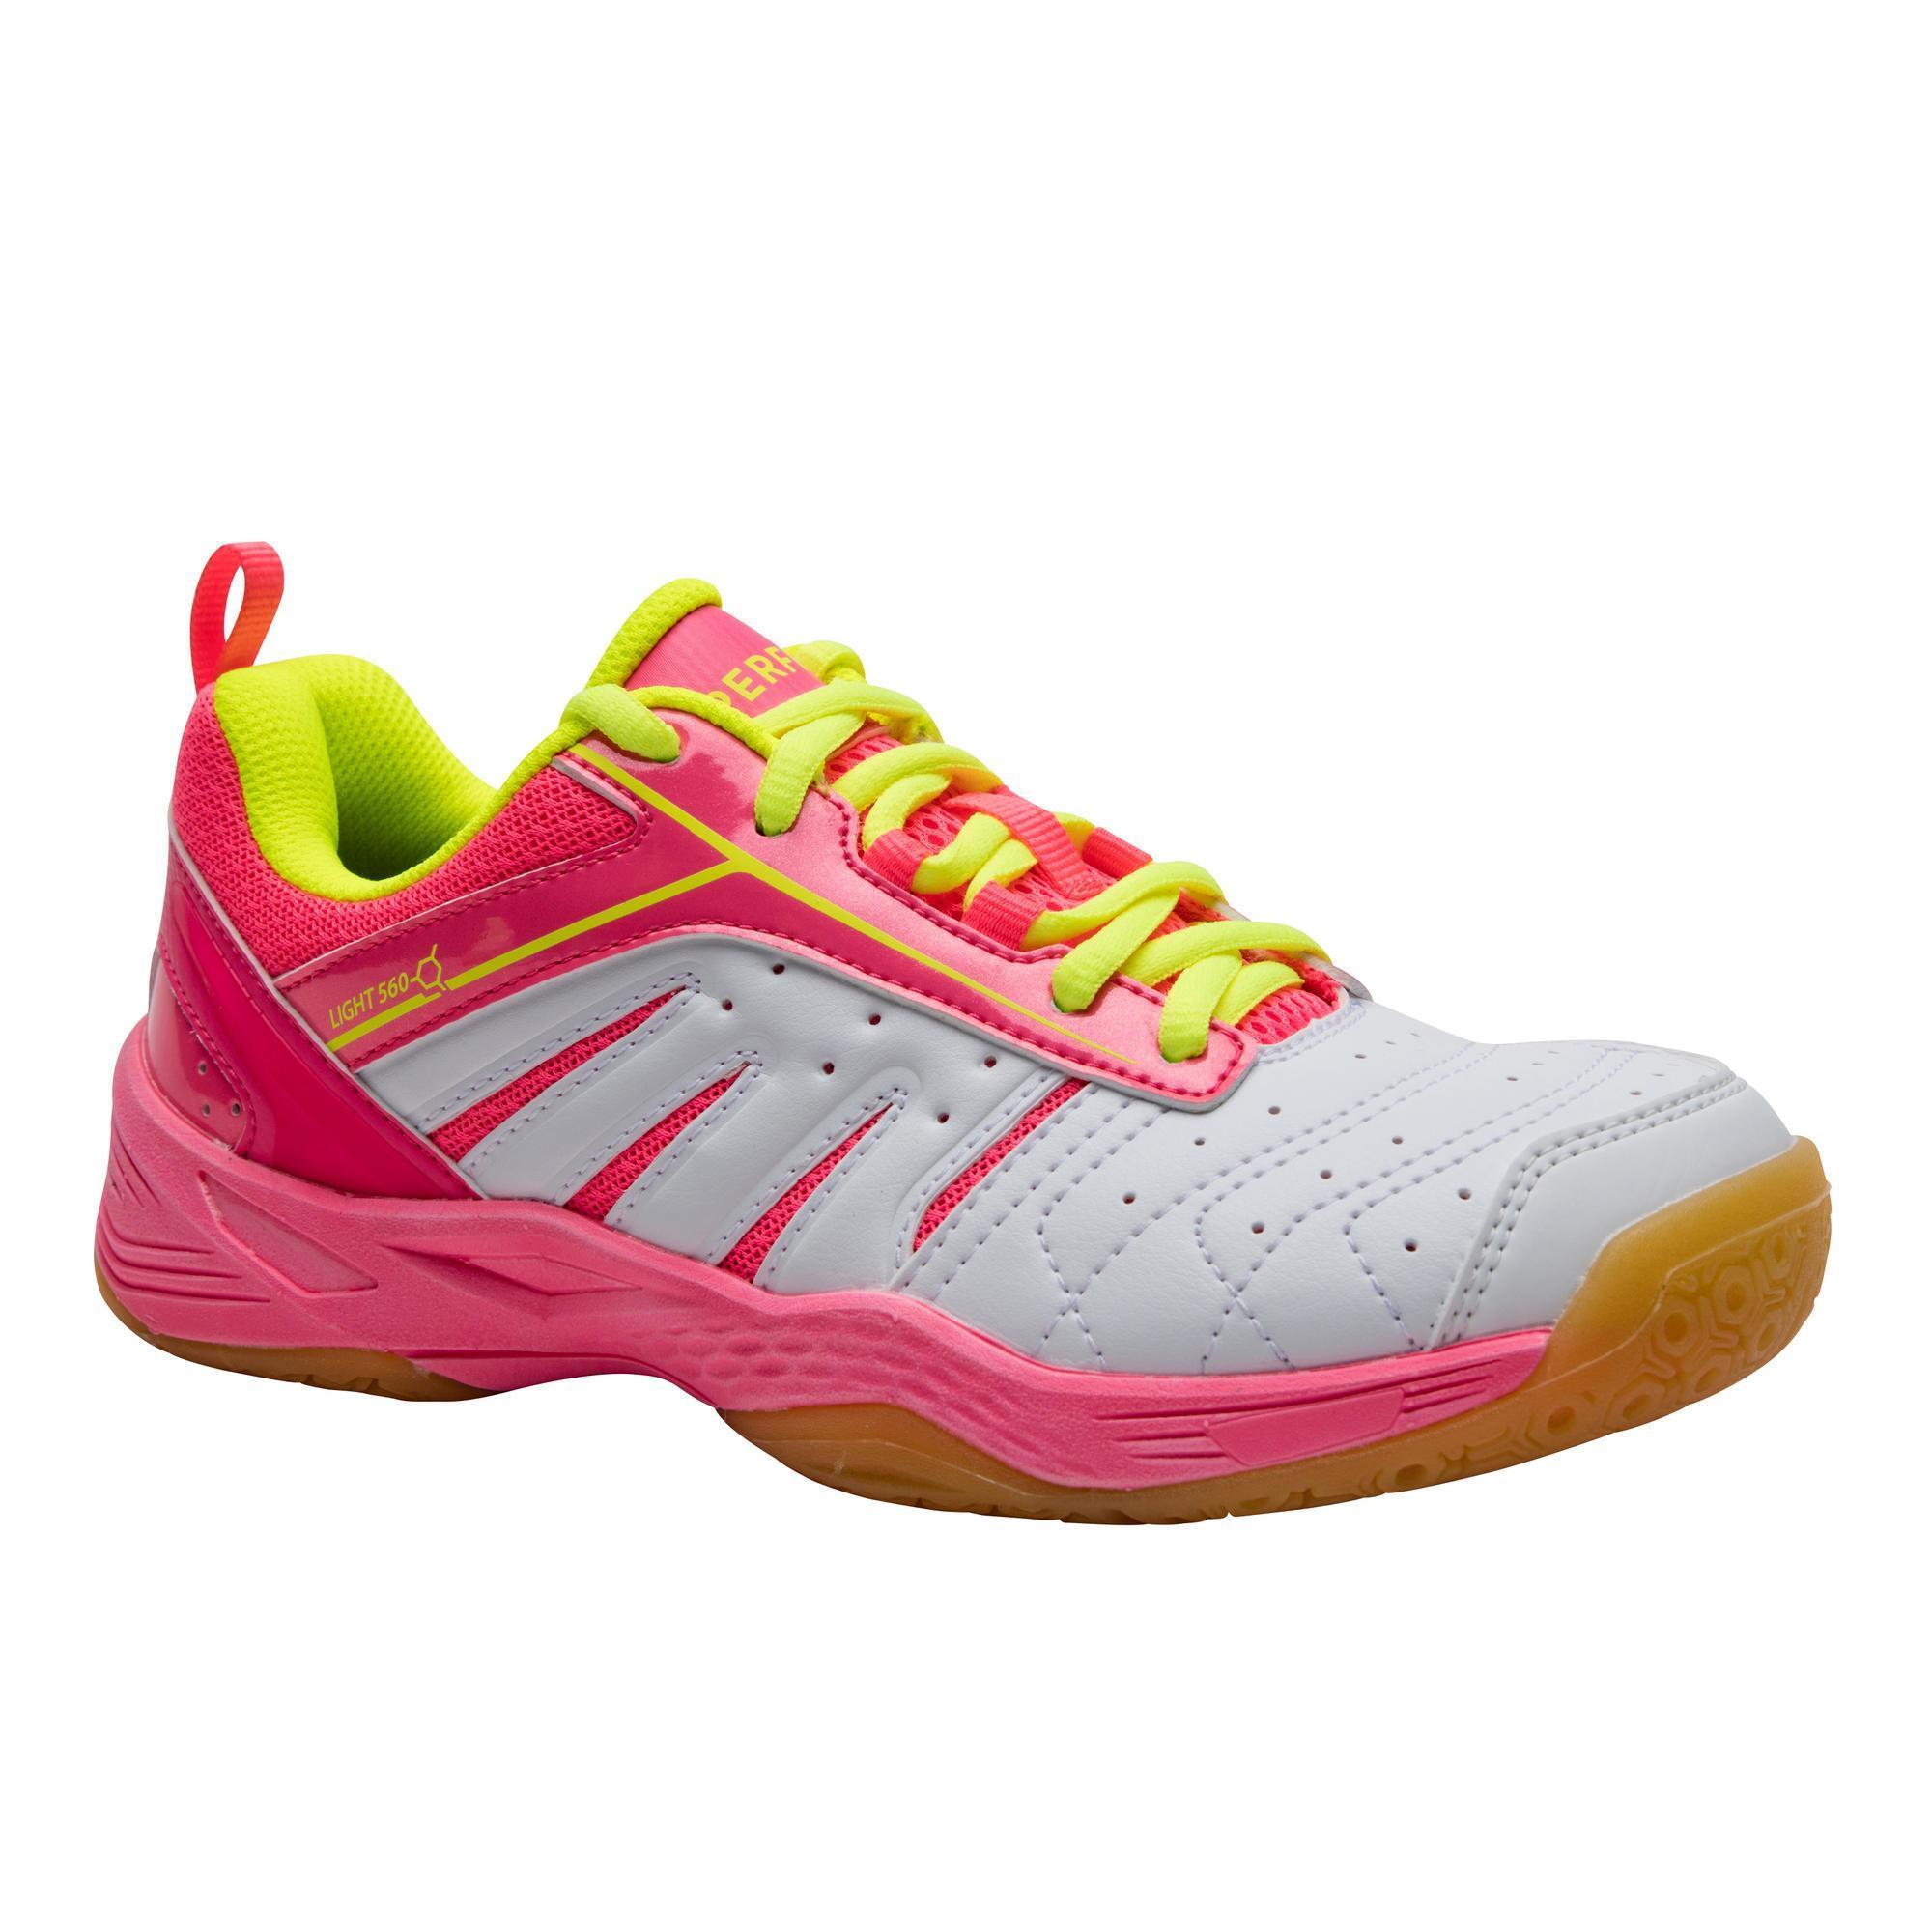 Child Badminton Shoes - Decathlon